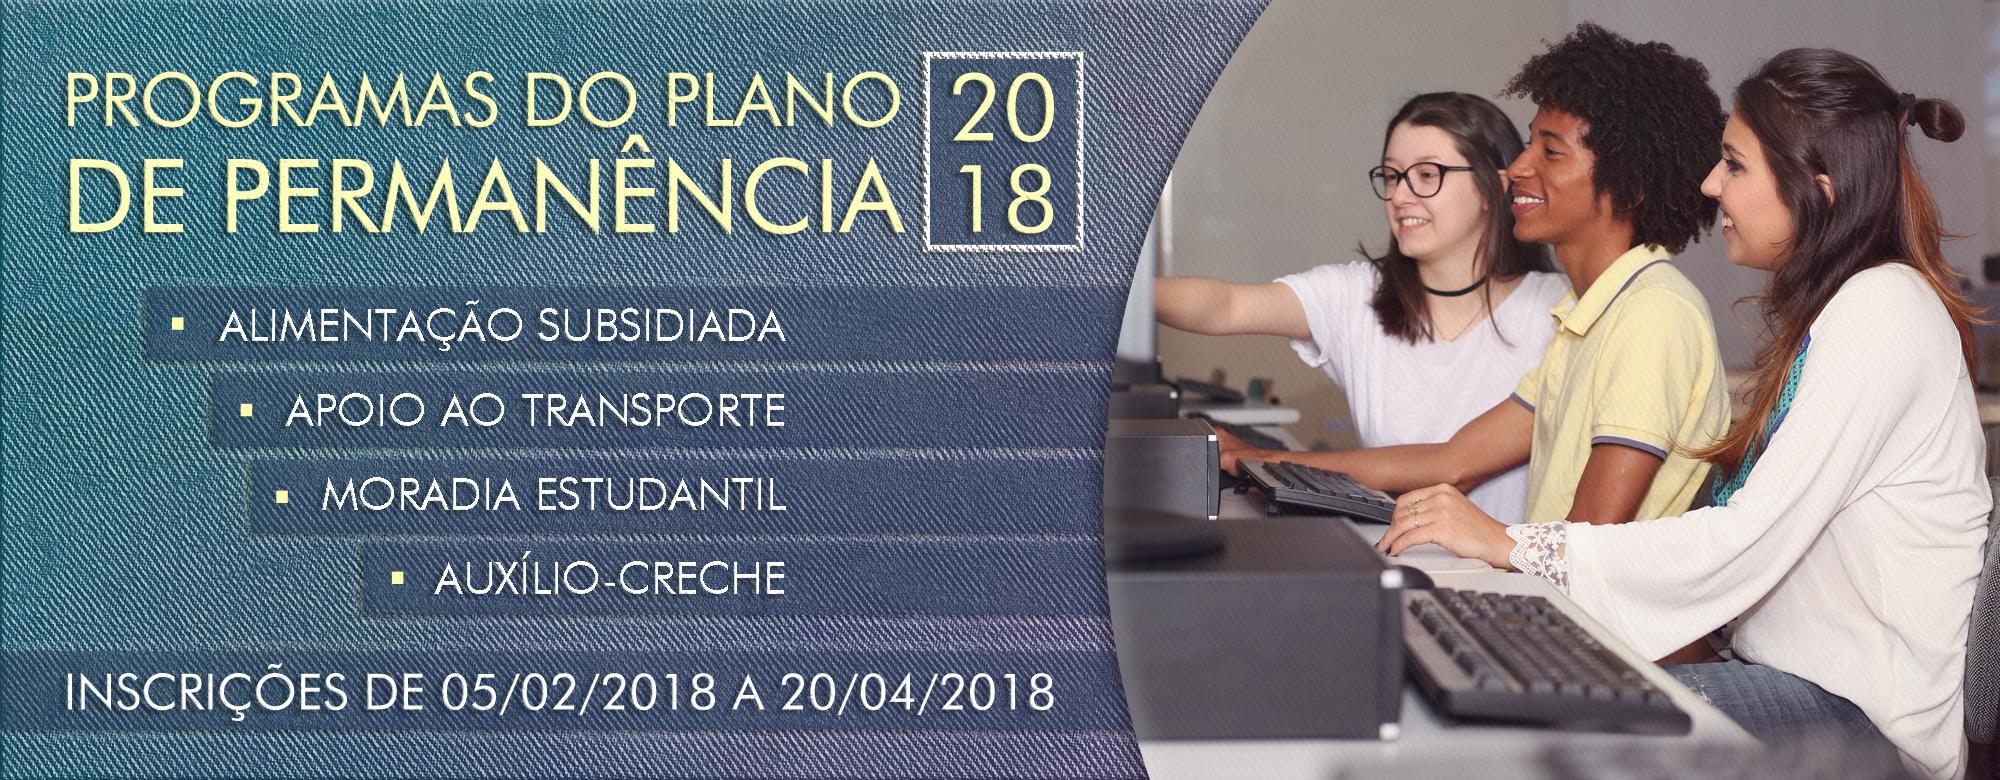 Programas do Plano de Permanência 2018 - Inscrições de 05/02 a 20/04